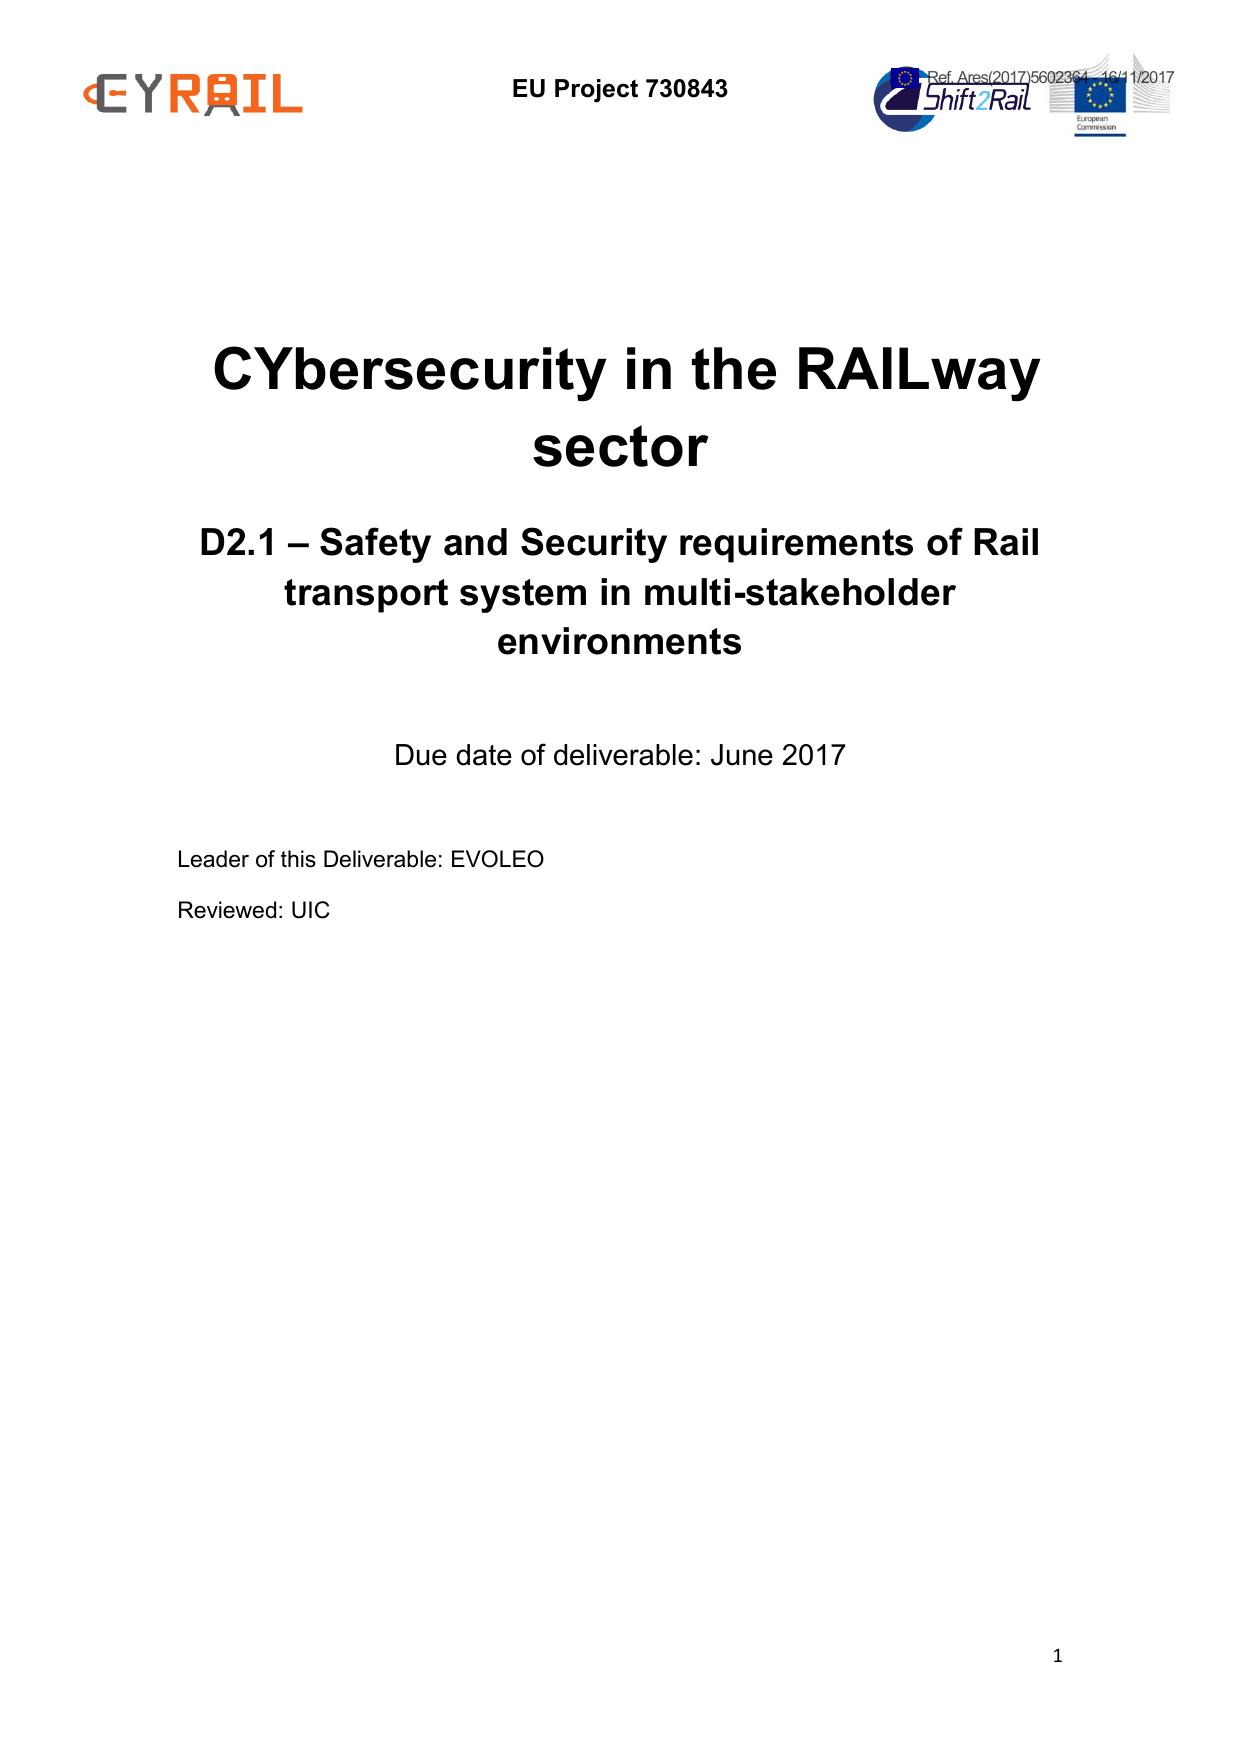 Требования безопасности и надежности железнодорожной